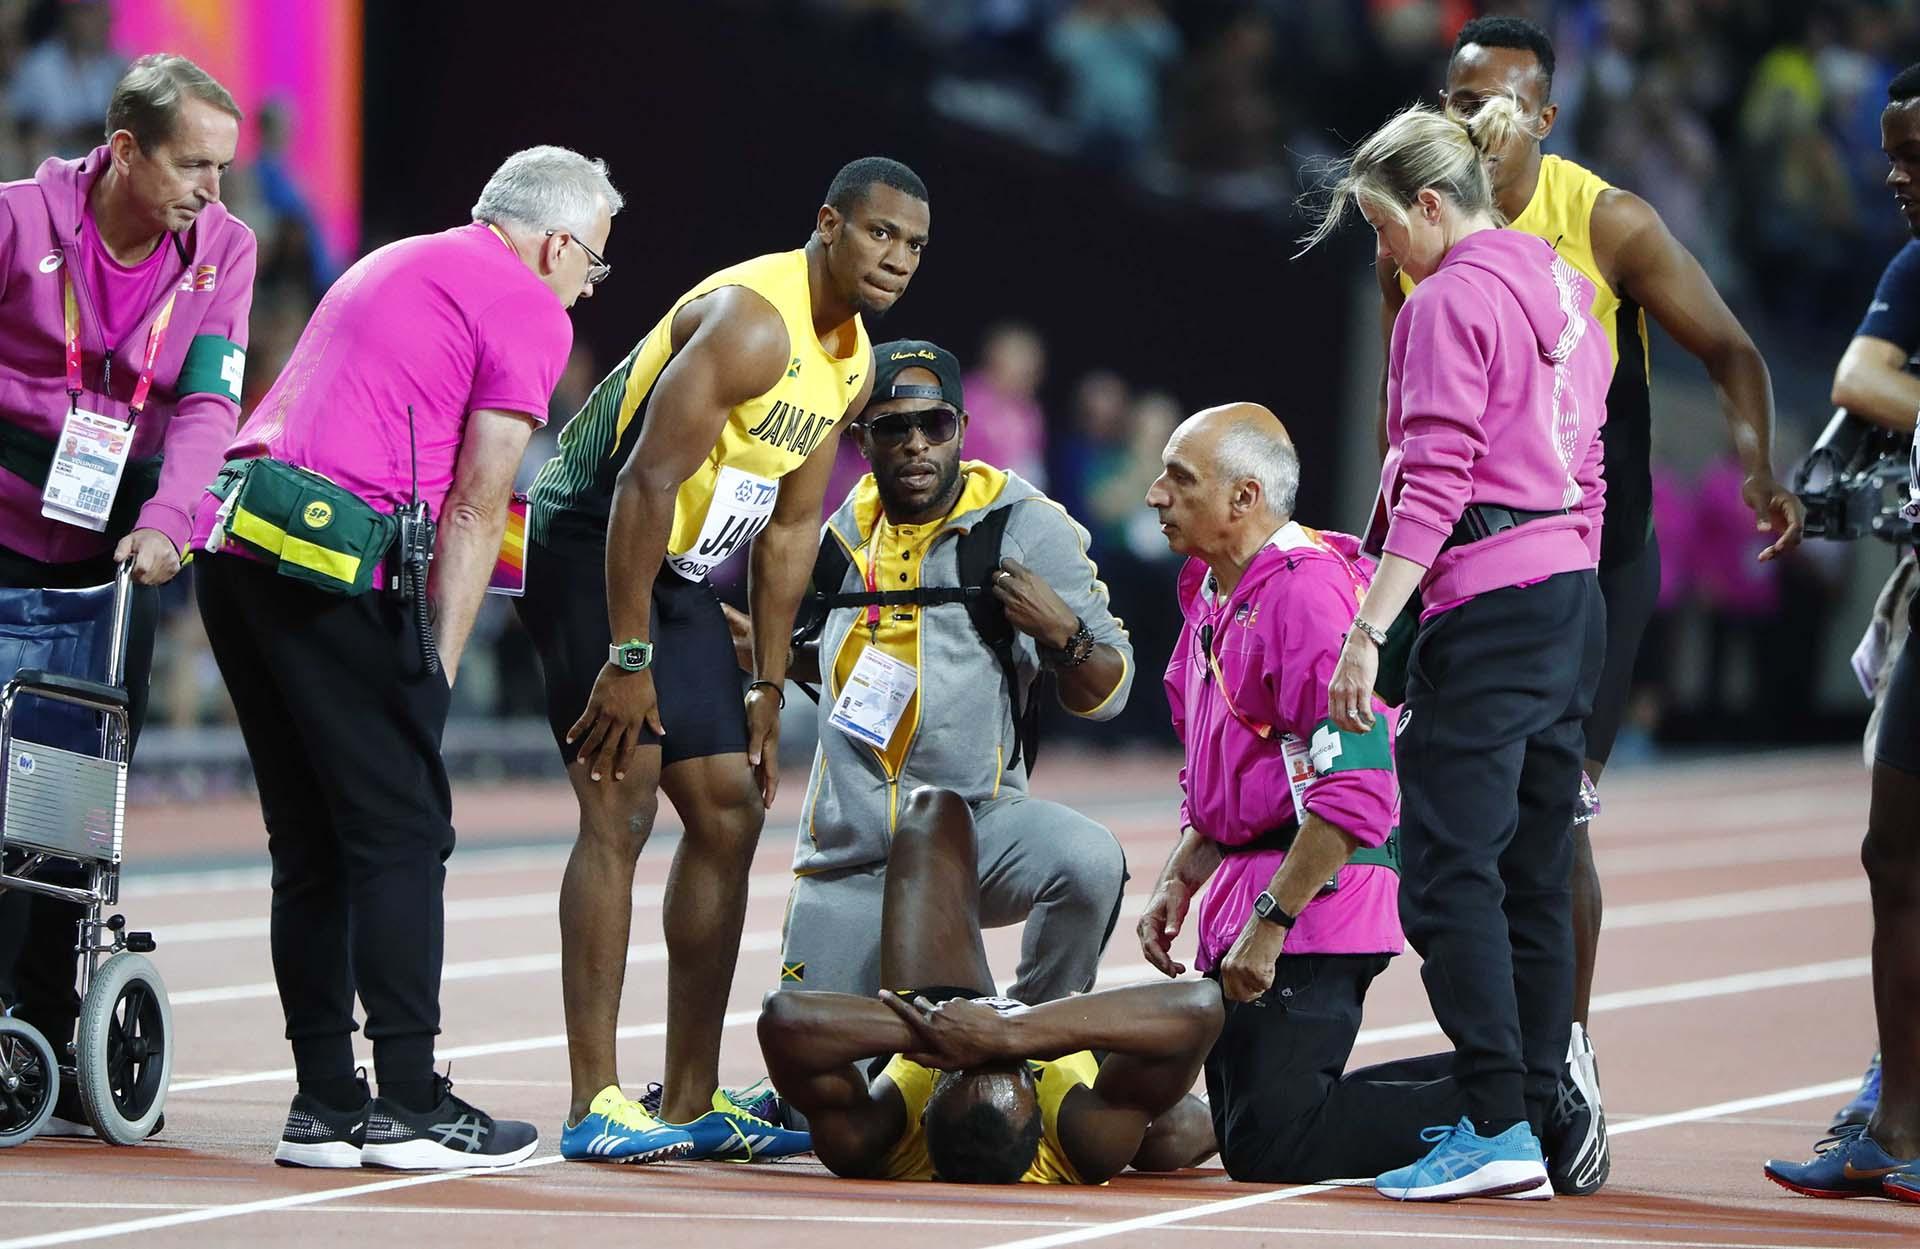 El médico señaló que Bolt tuvo un calambre por el esfuerzo que realizó